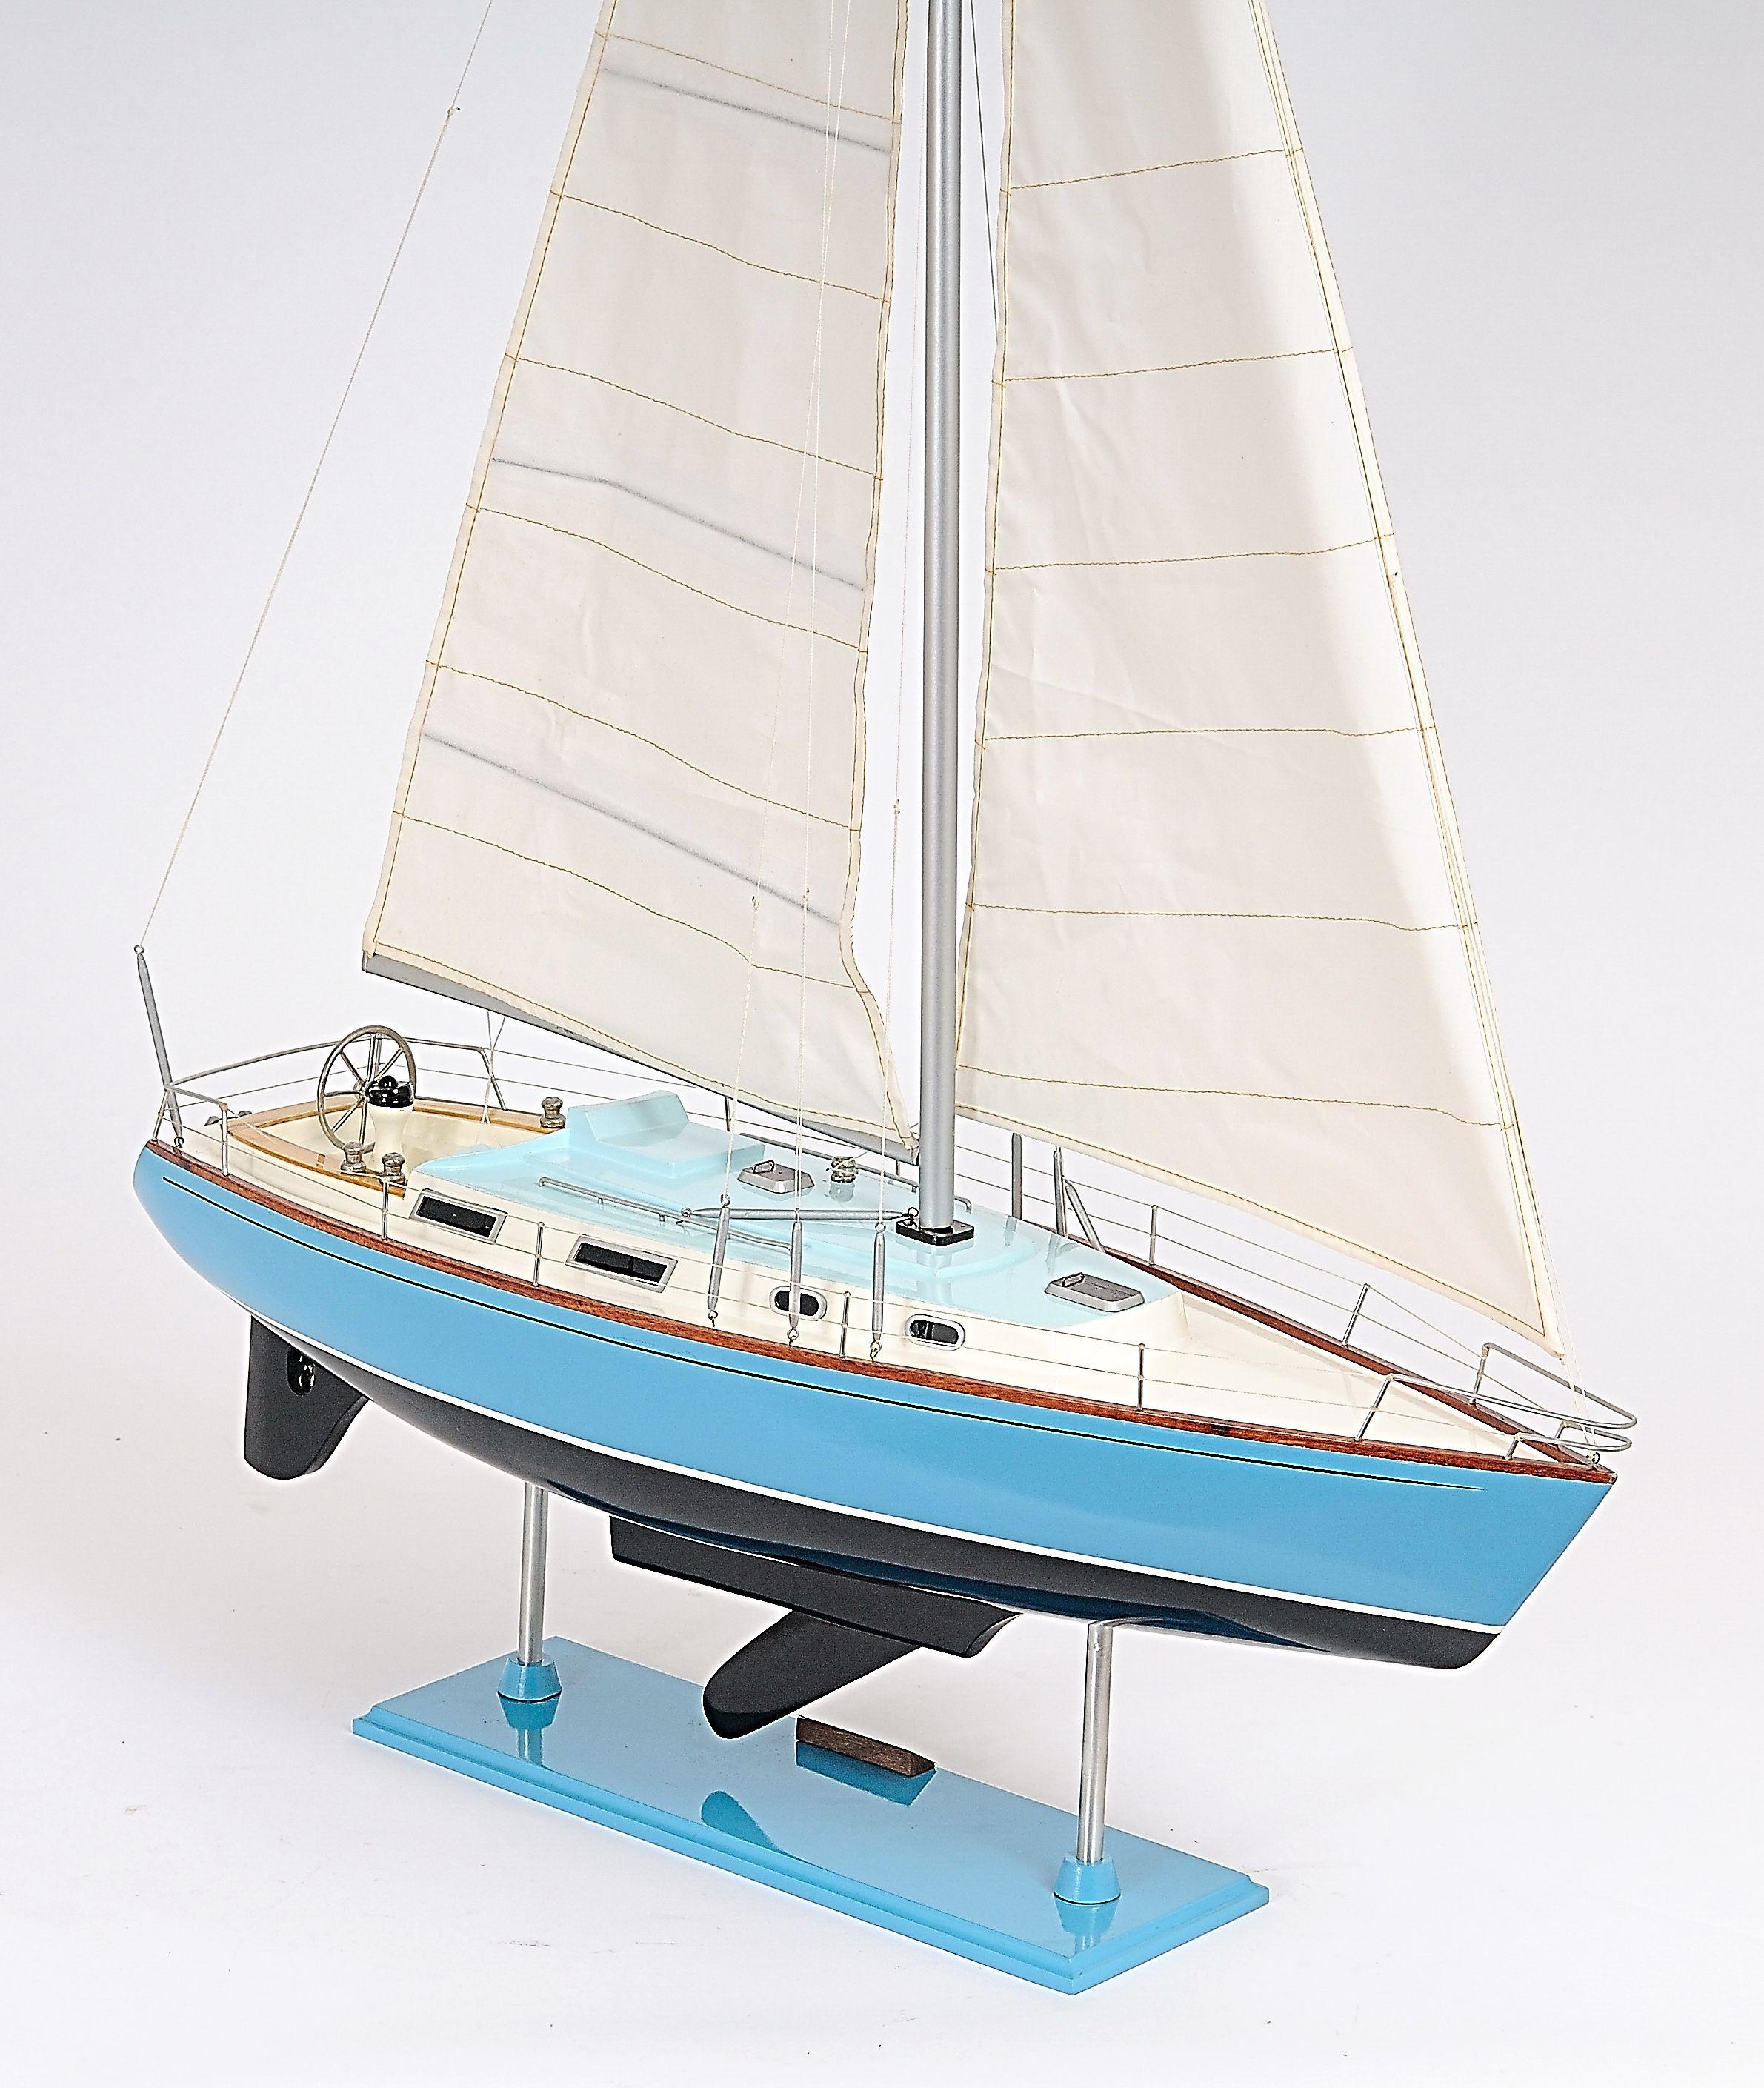 2280-13046-Bristol-35.5-Ship-Model